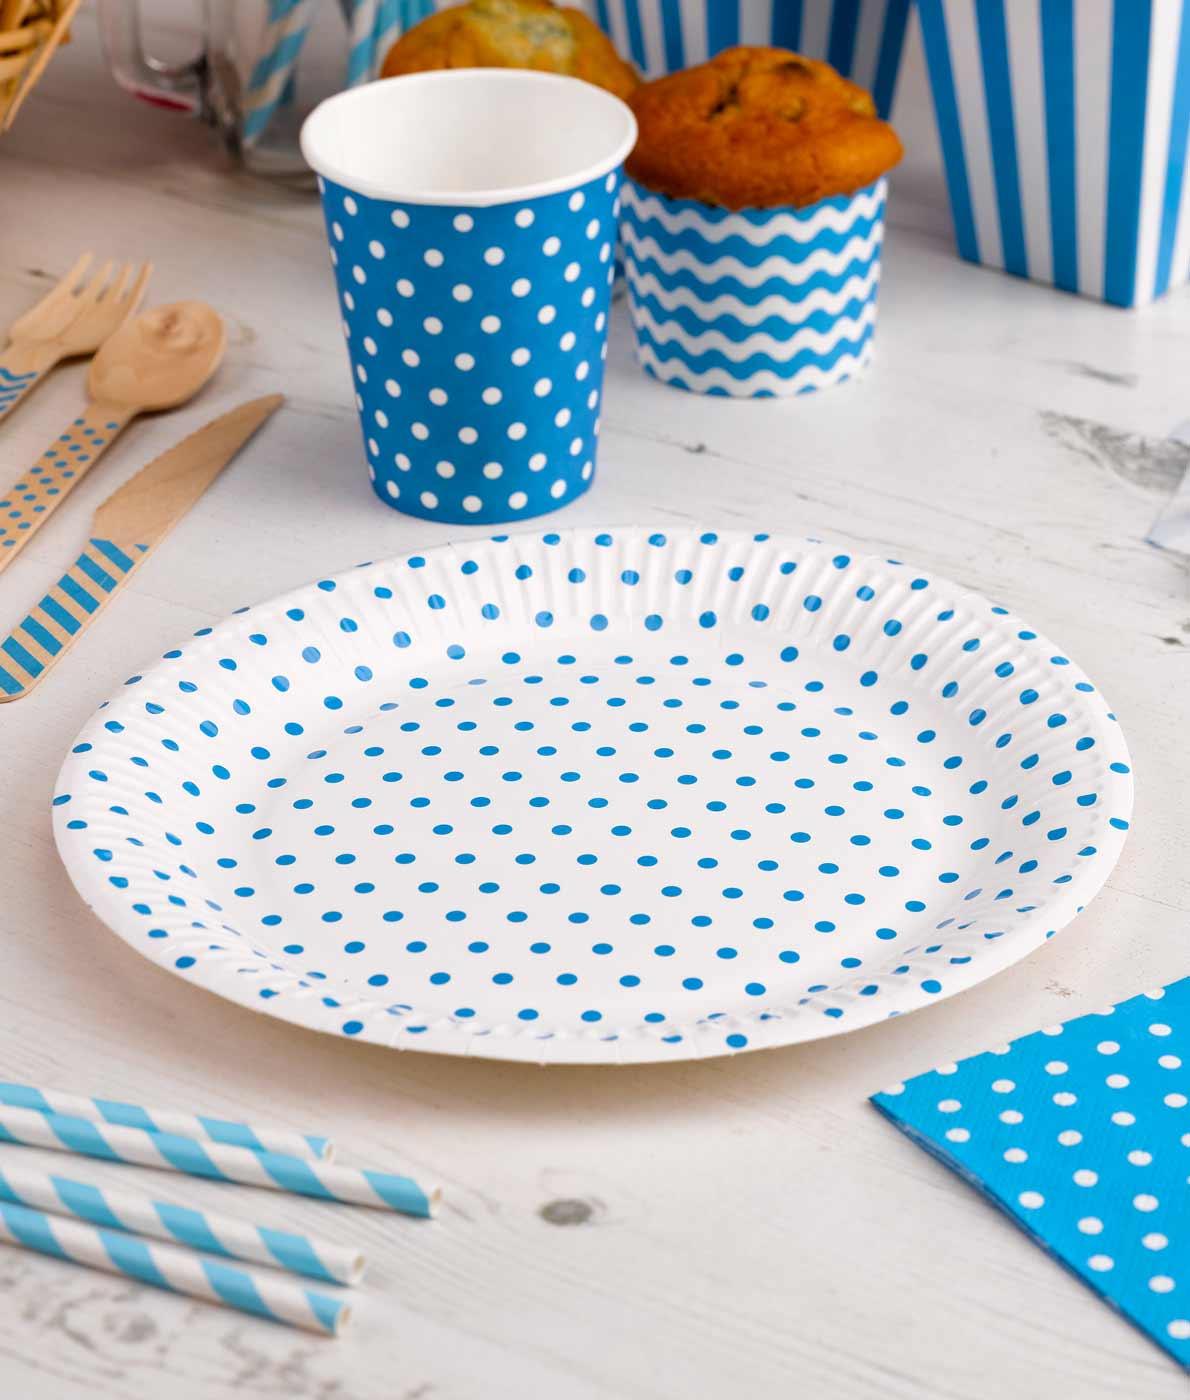 Hvide-tallerkener-med-blaa-prikker